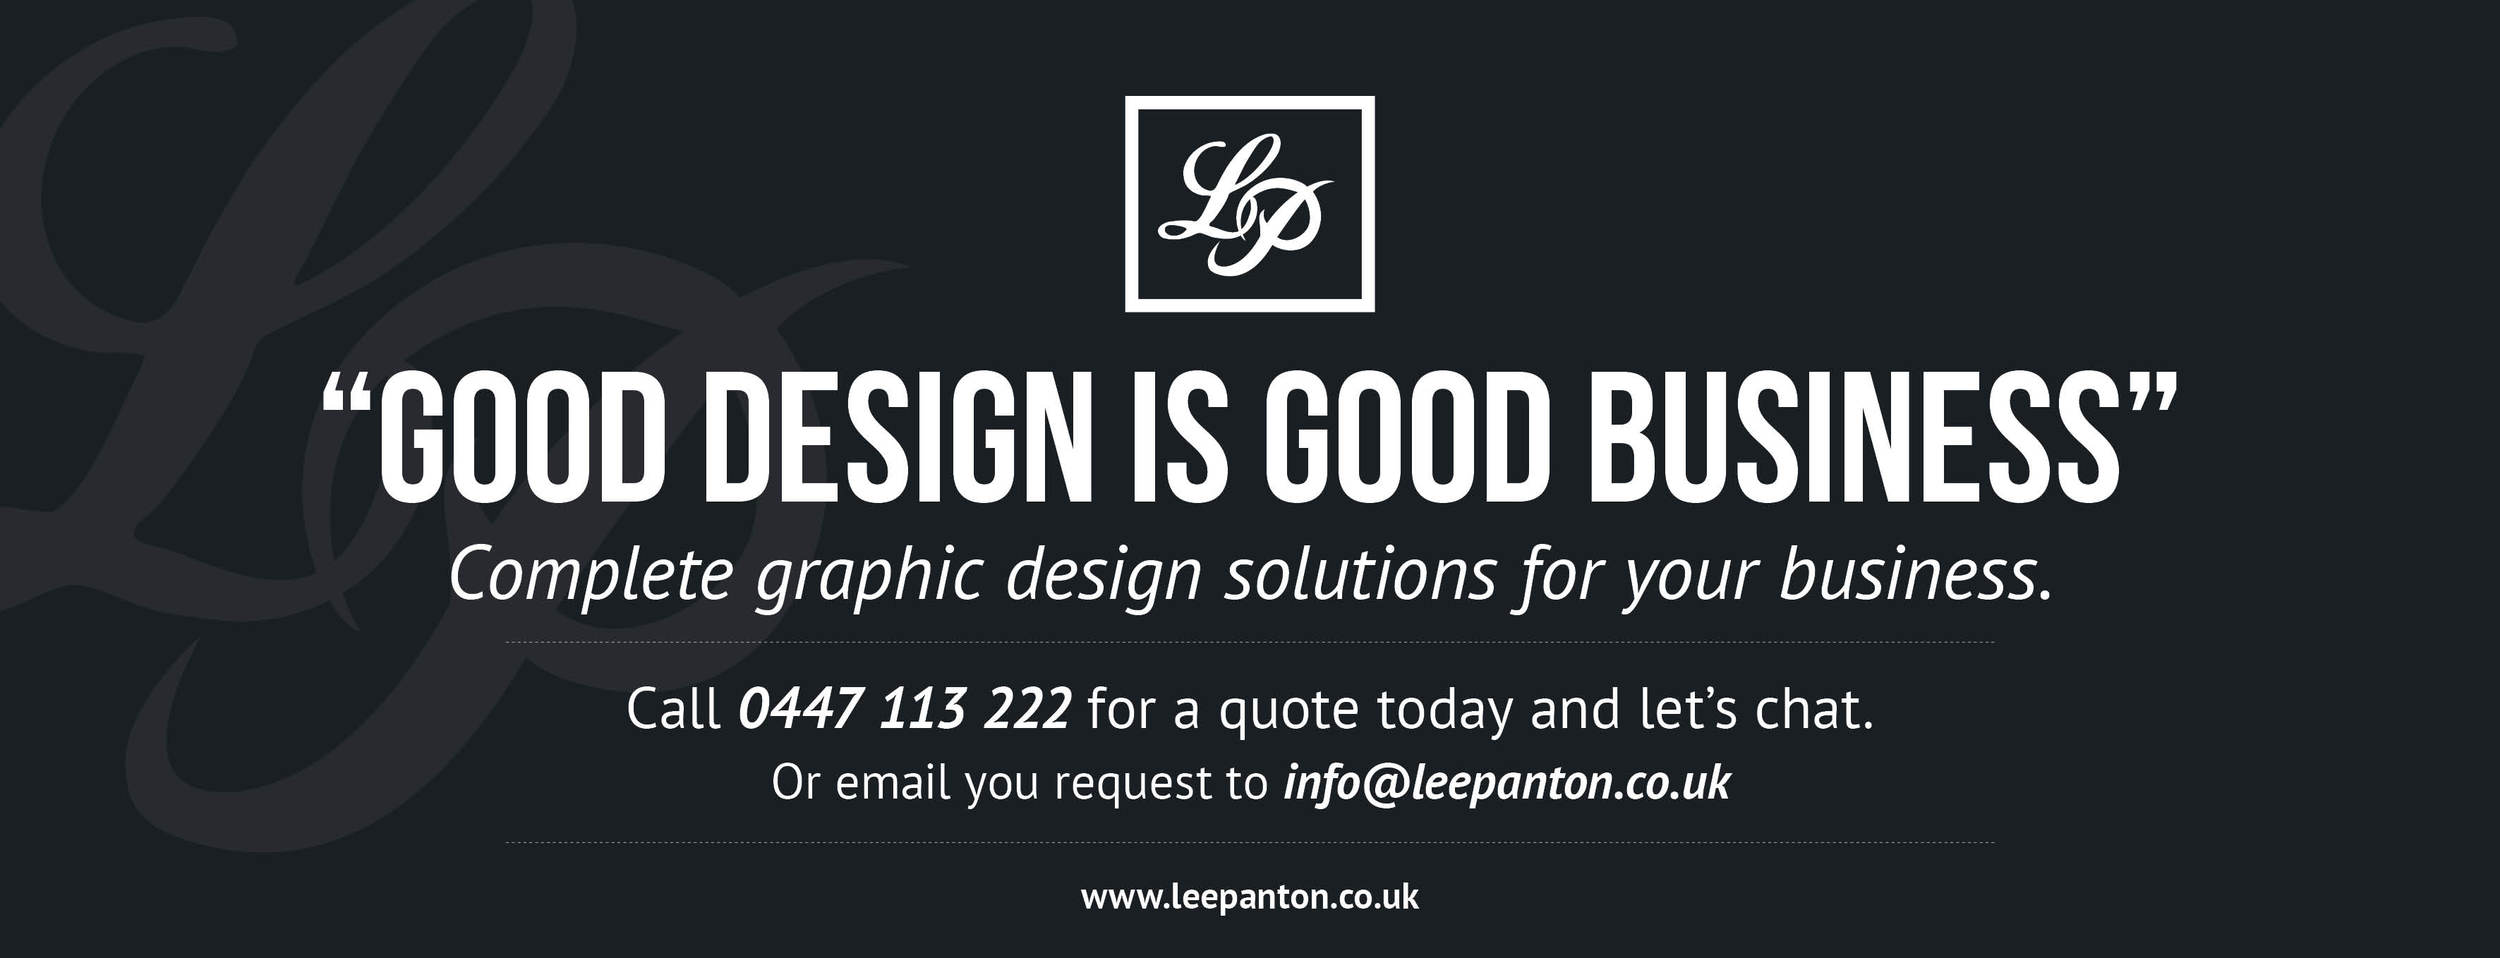 LP Freelance Web Banner.jpg